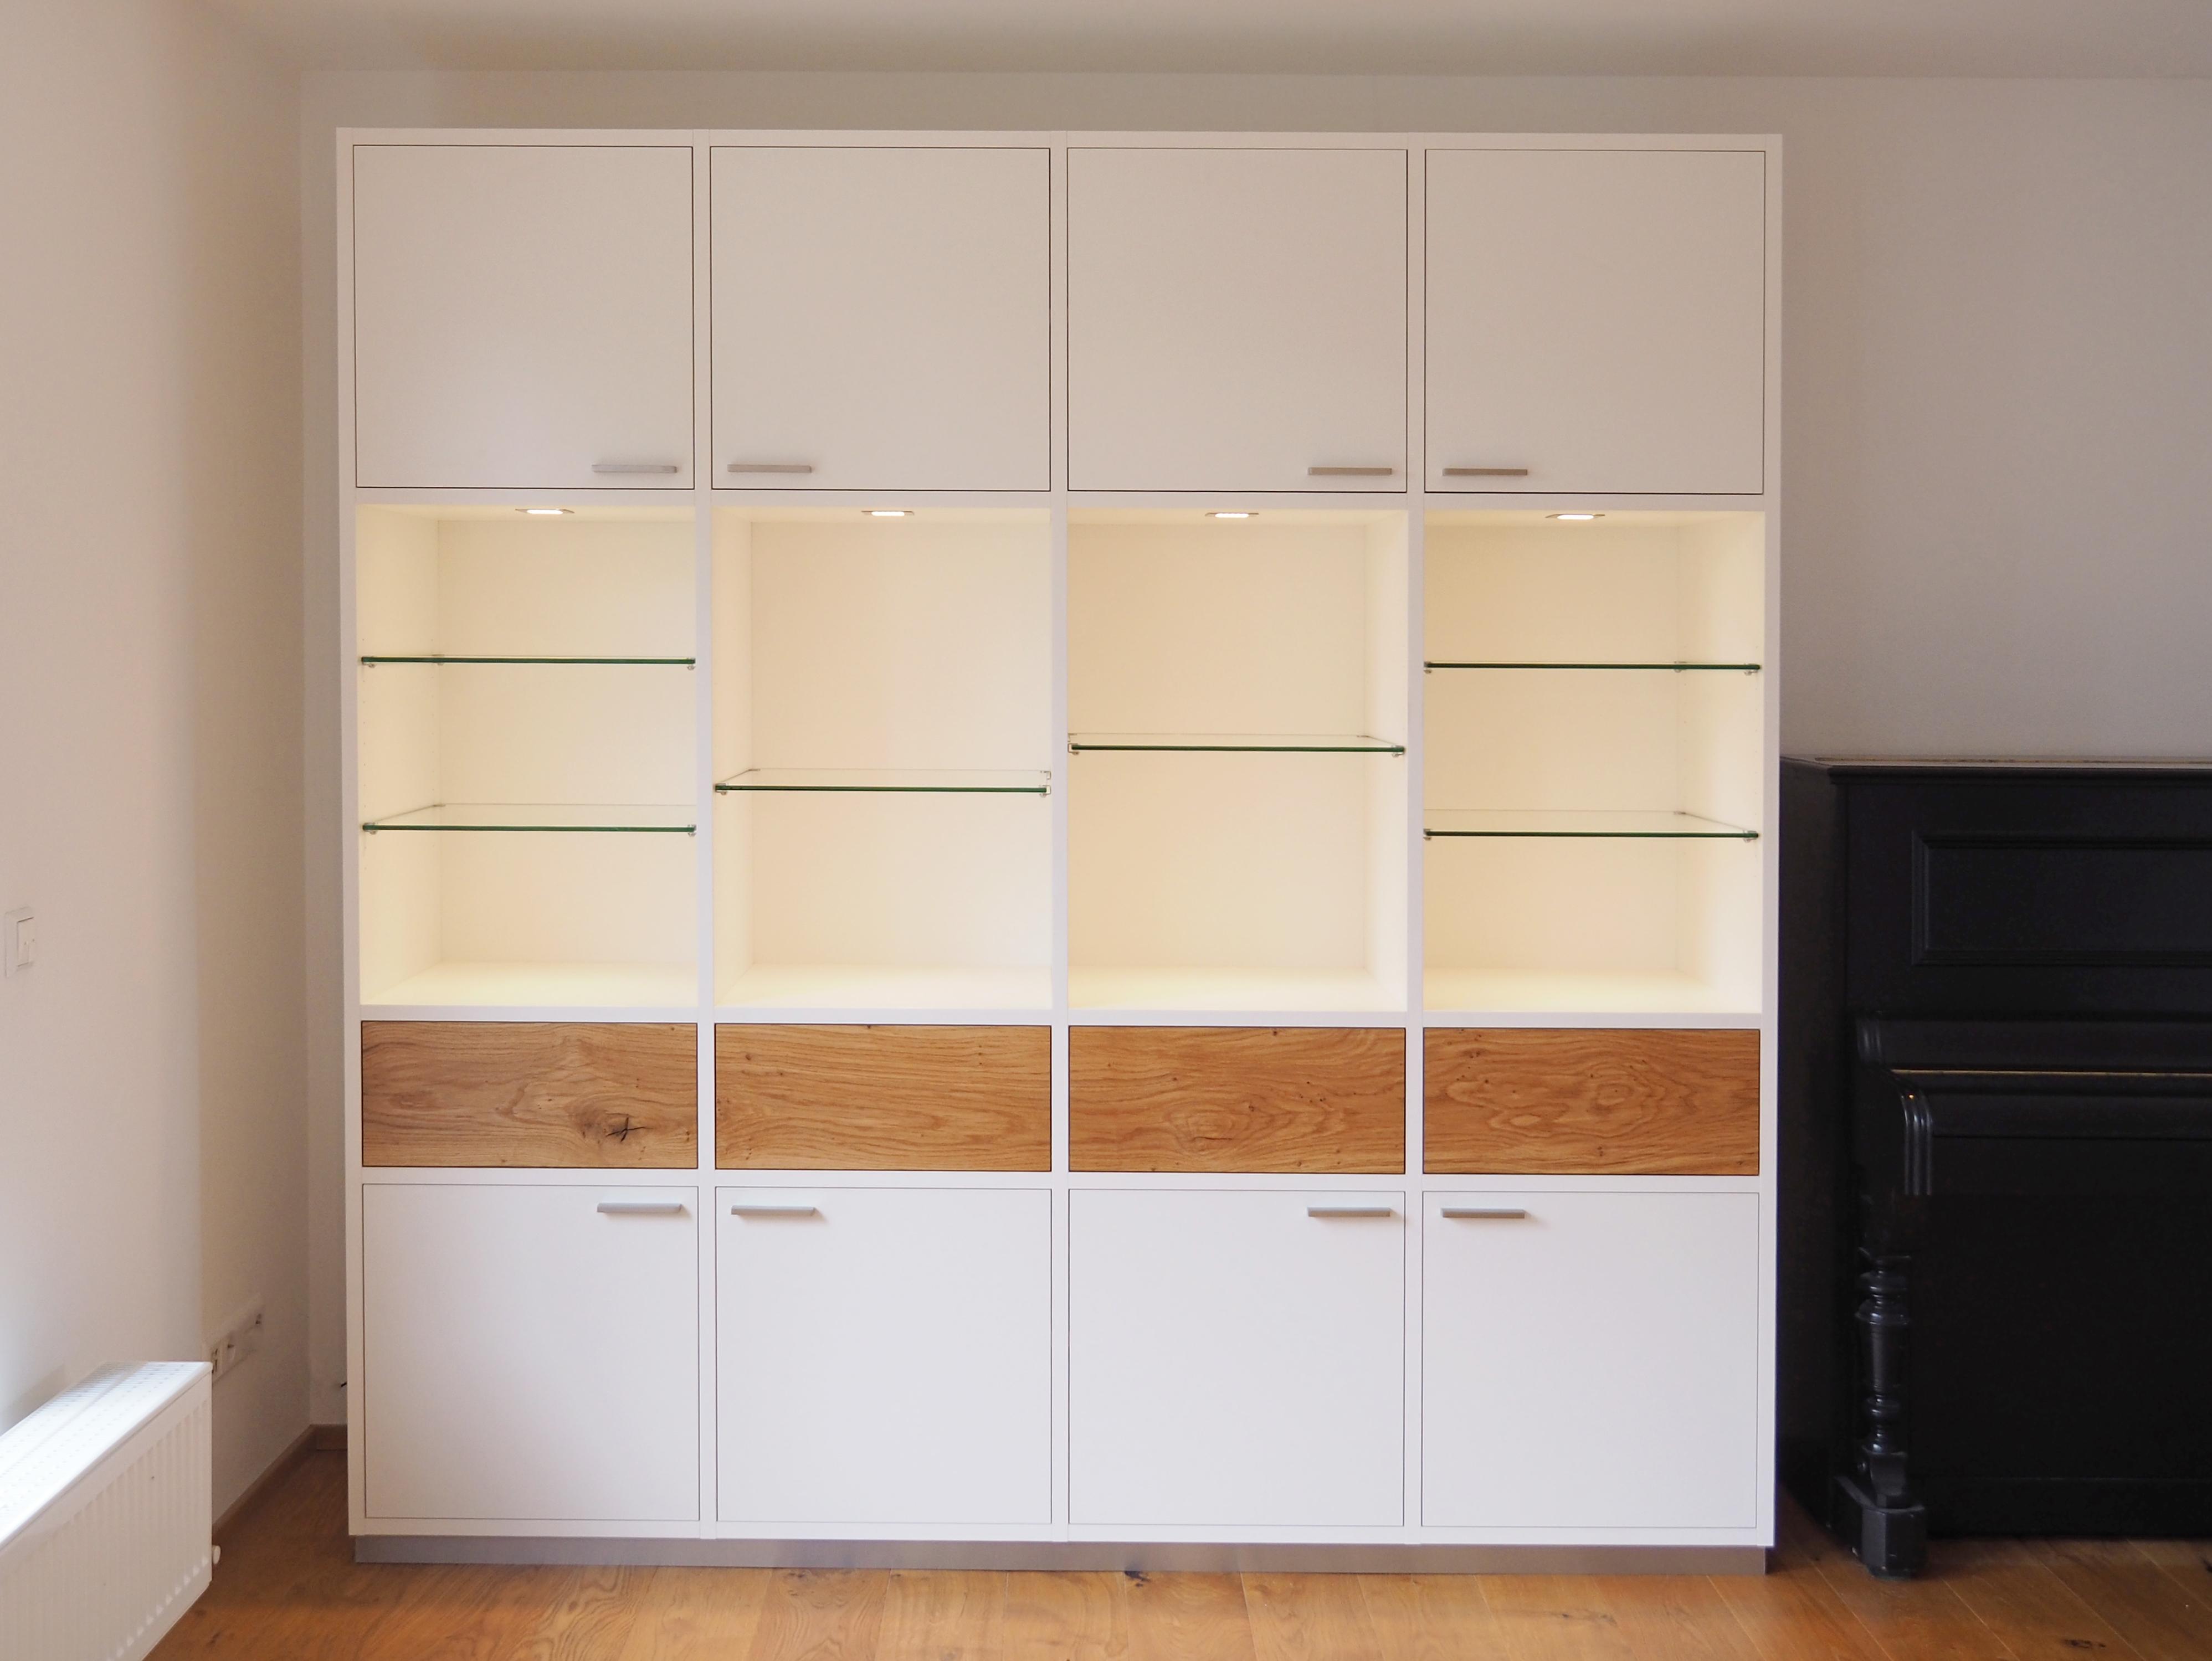 Wohnzimmerschrank beleuchtet mit Glasböden 01